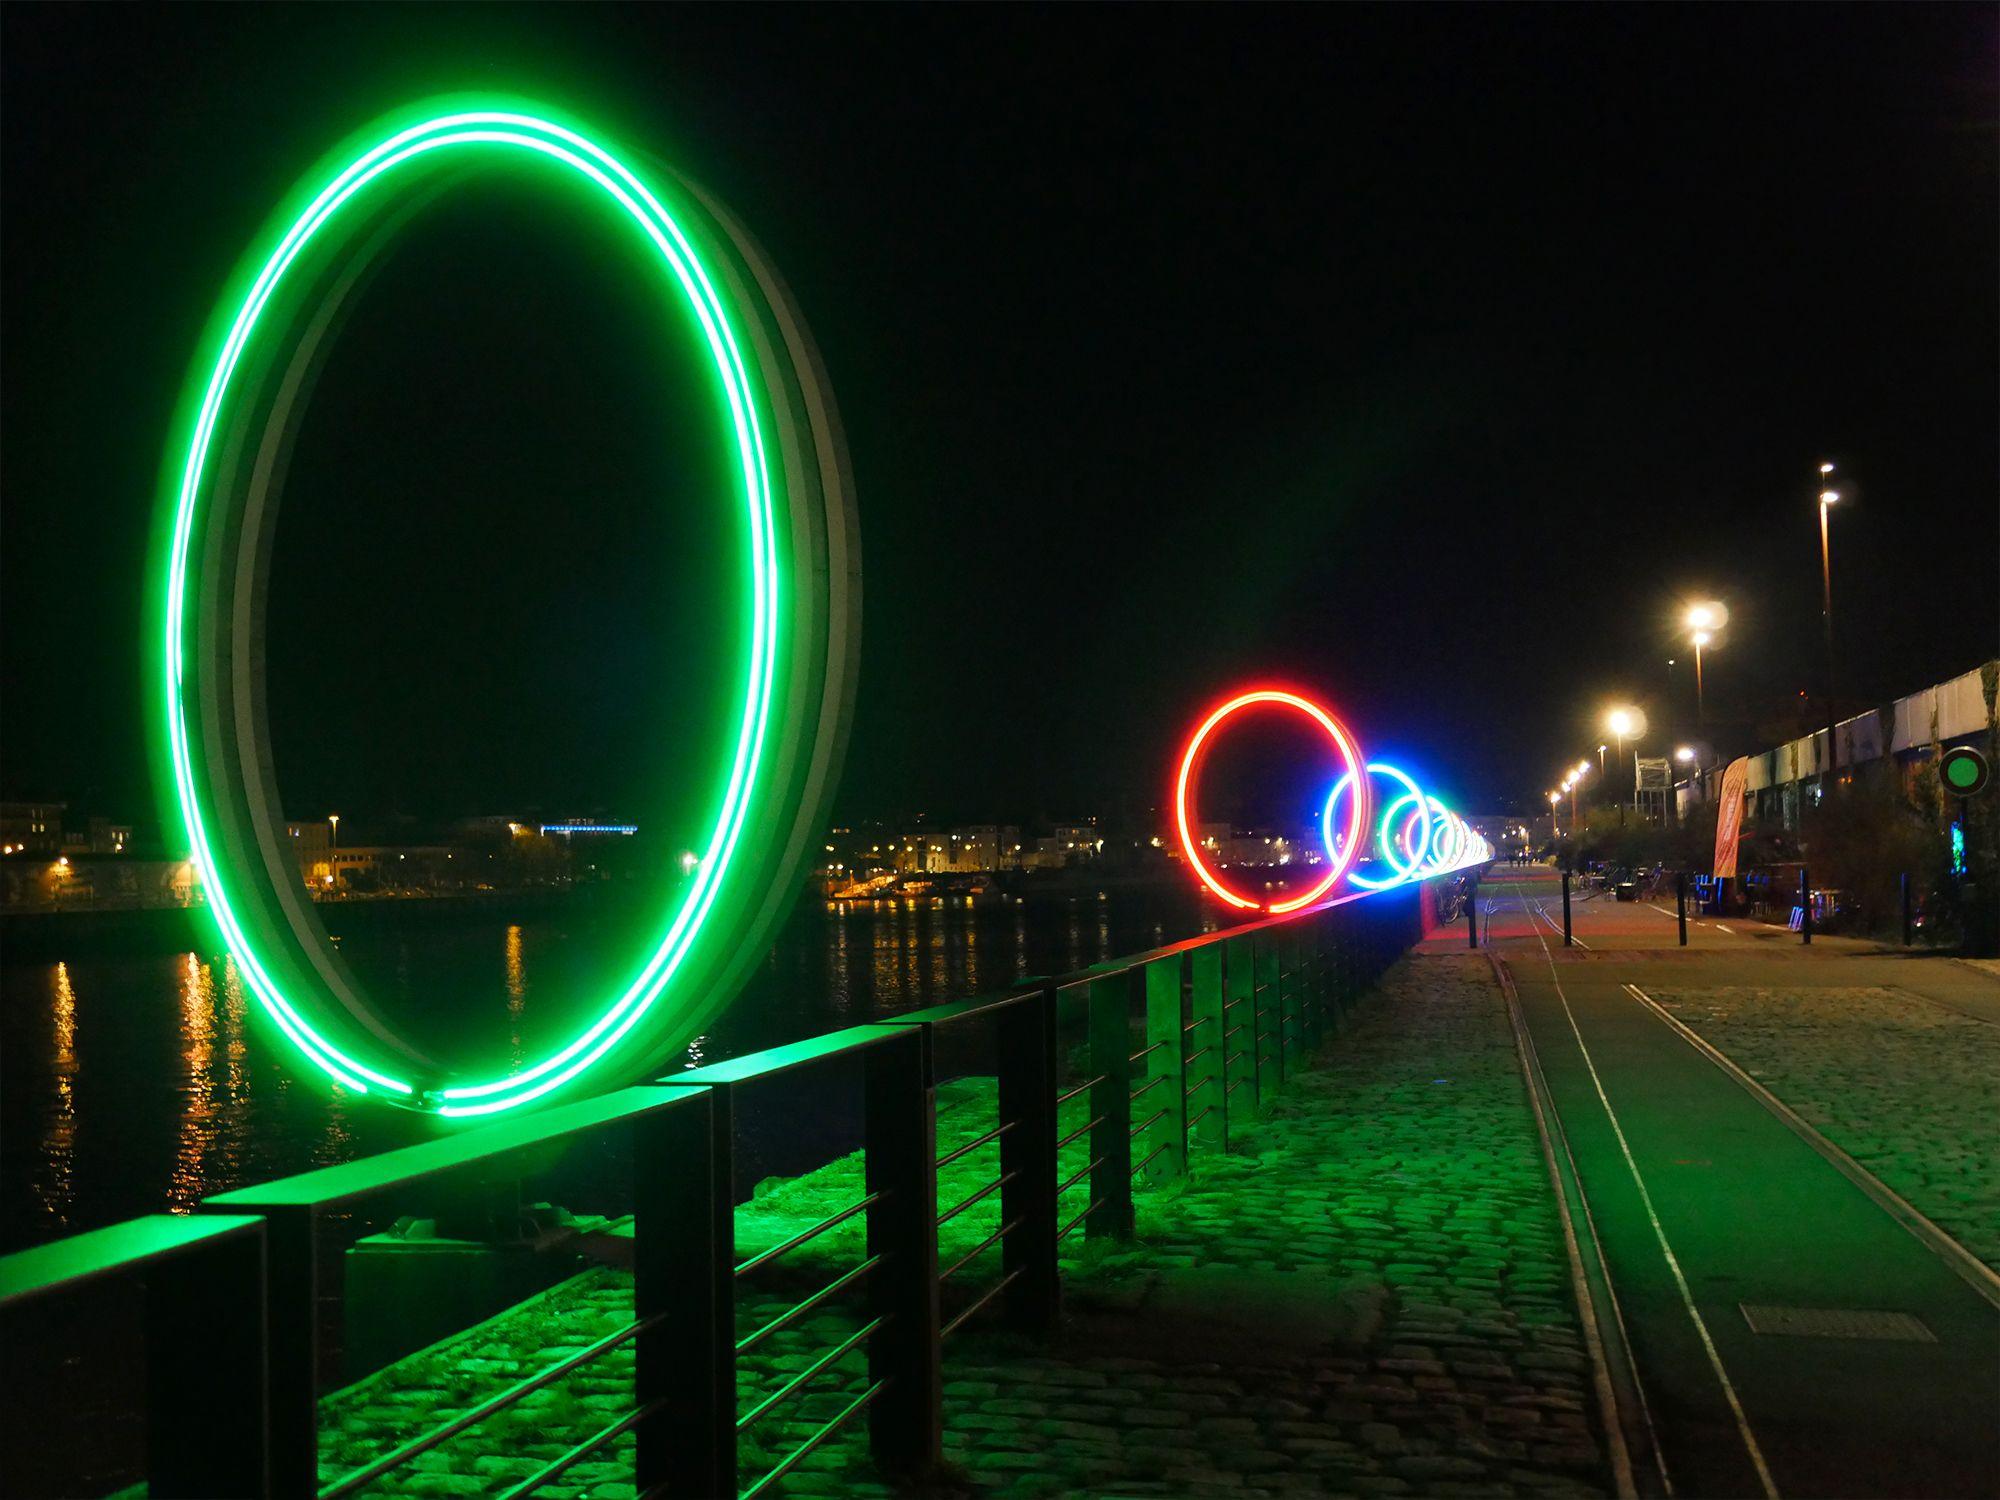 Les anneaux de Buren